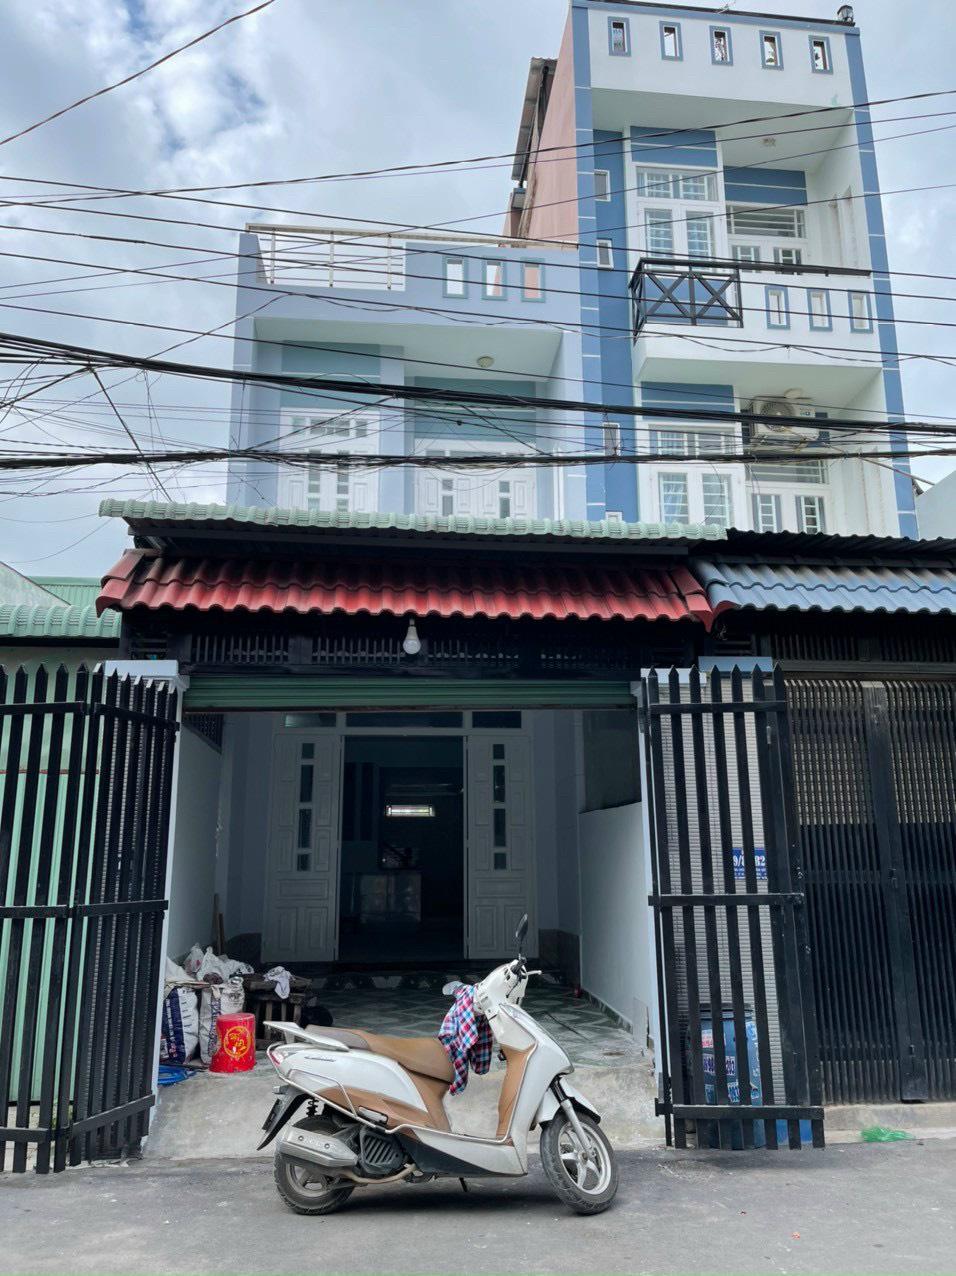 Bán nhà Dĩ An trệt lầu sổ hồng riêng gần ngã ba ông xã phường Tân Đông Hiệp , Thành Phố Dĩ An , Bình Dương